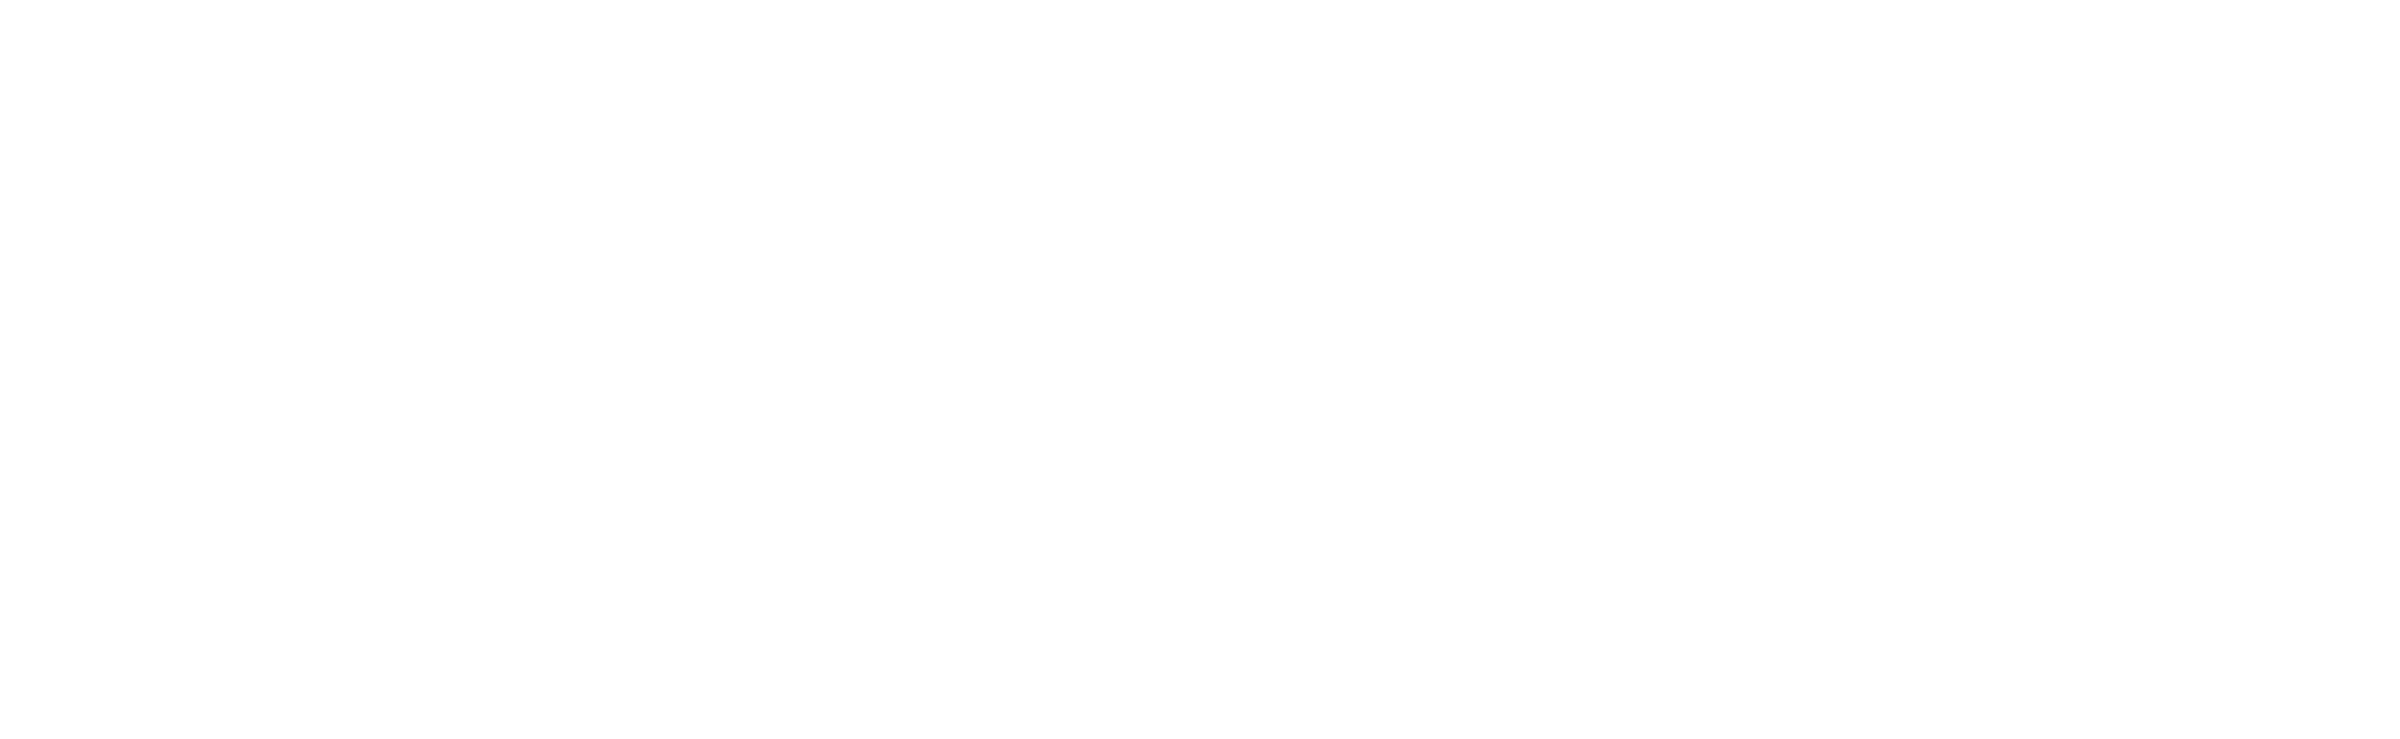 Logo's-09